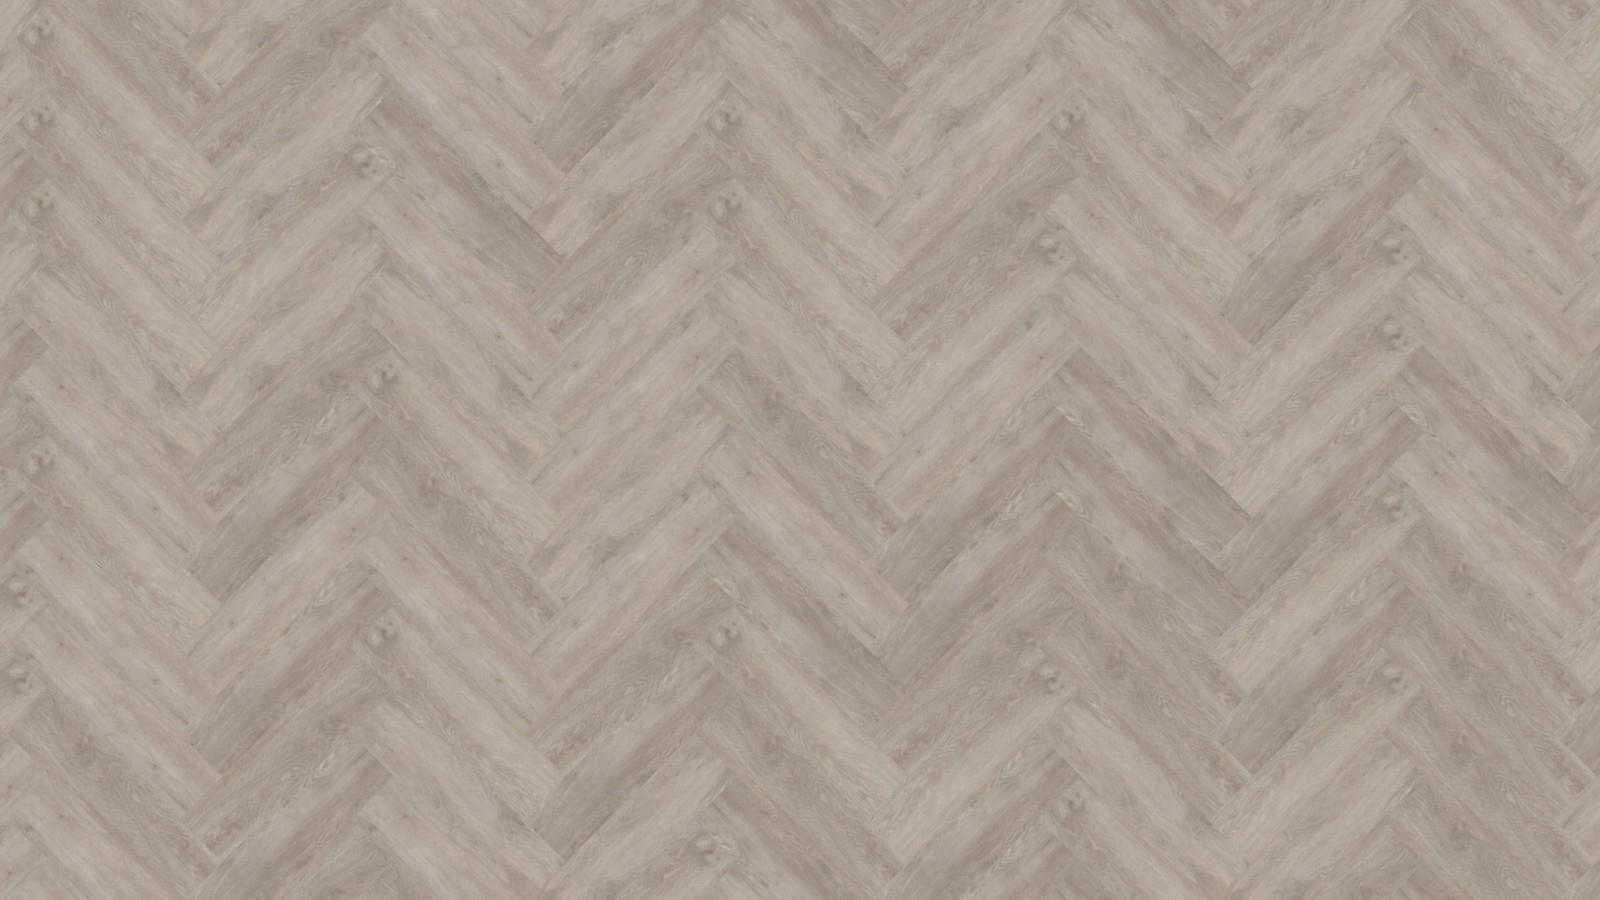 Therdex herringbone series kleur therdex pvc vloeren facebook